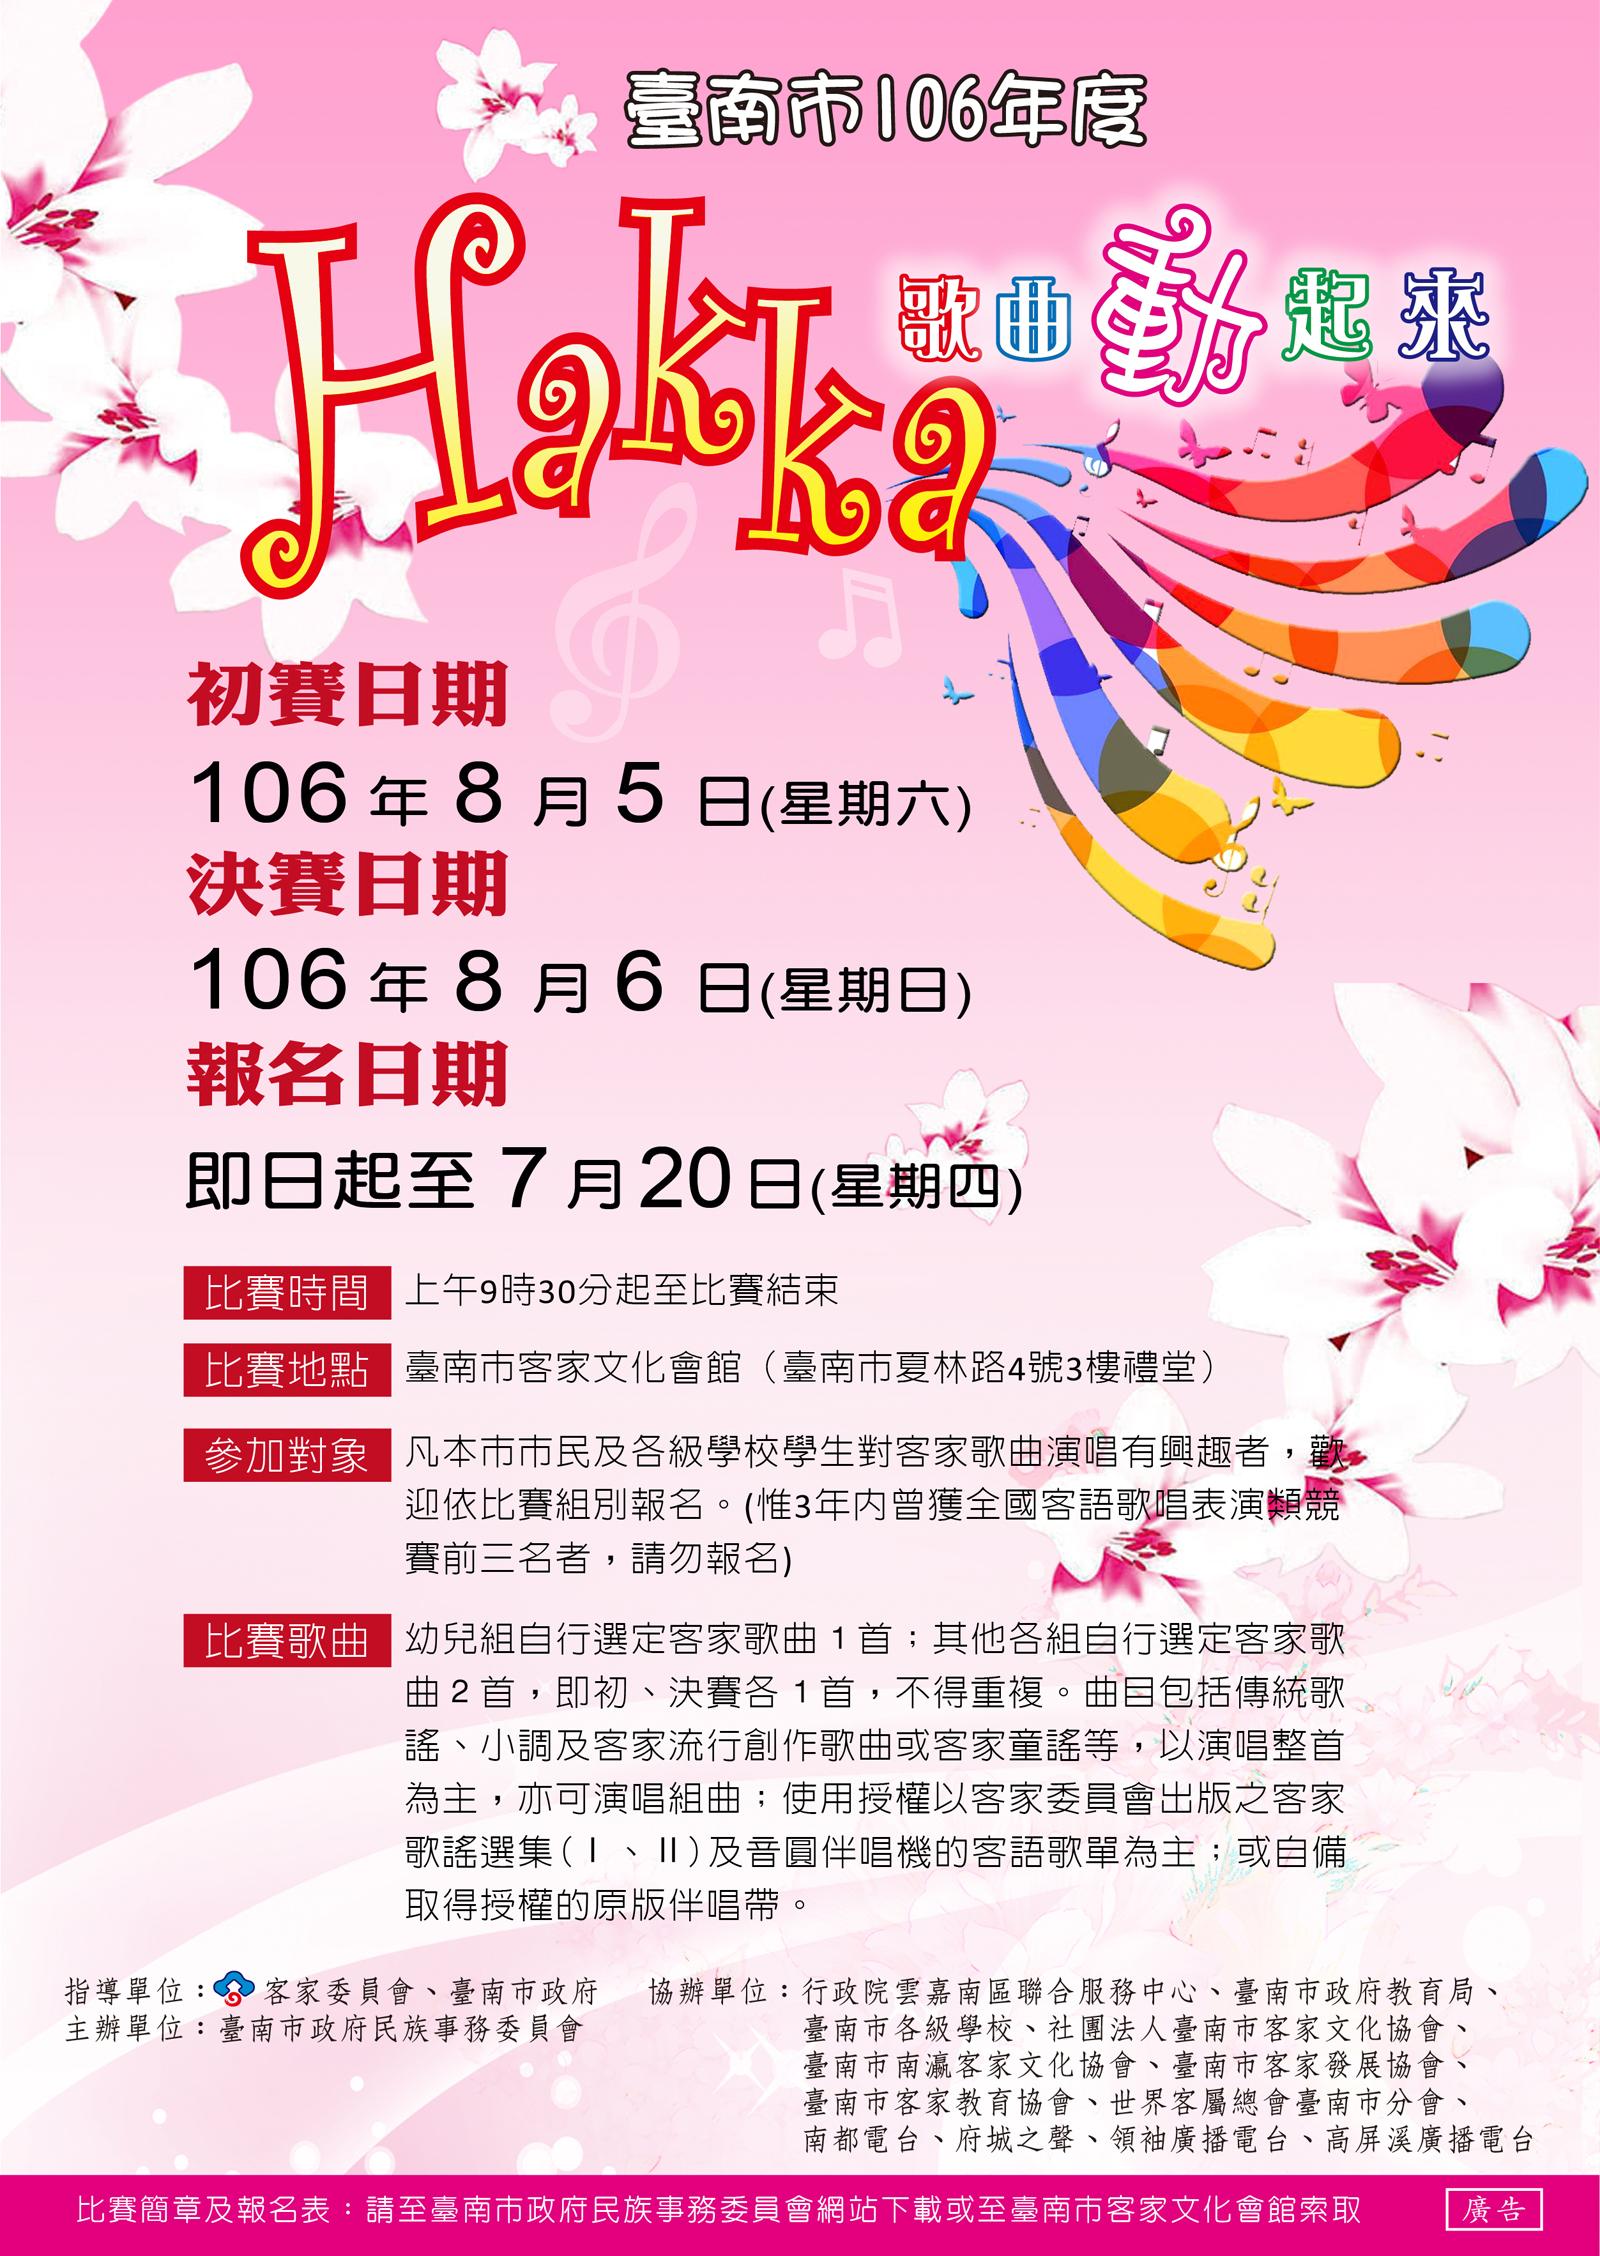 臺南市106年度Hakka歌曲動起來-客家好聲音比賽